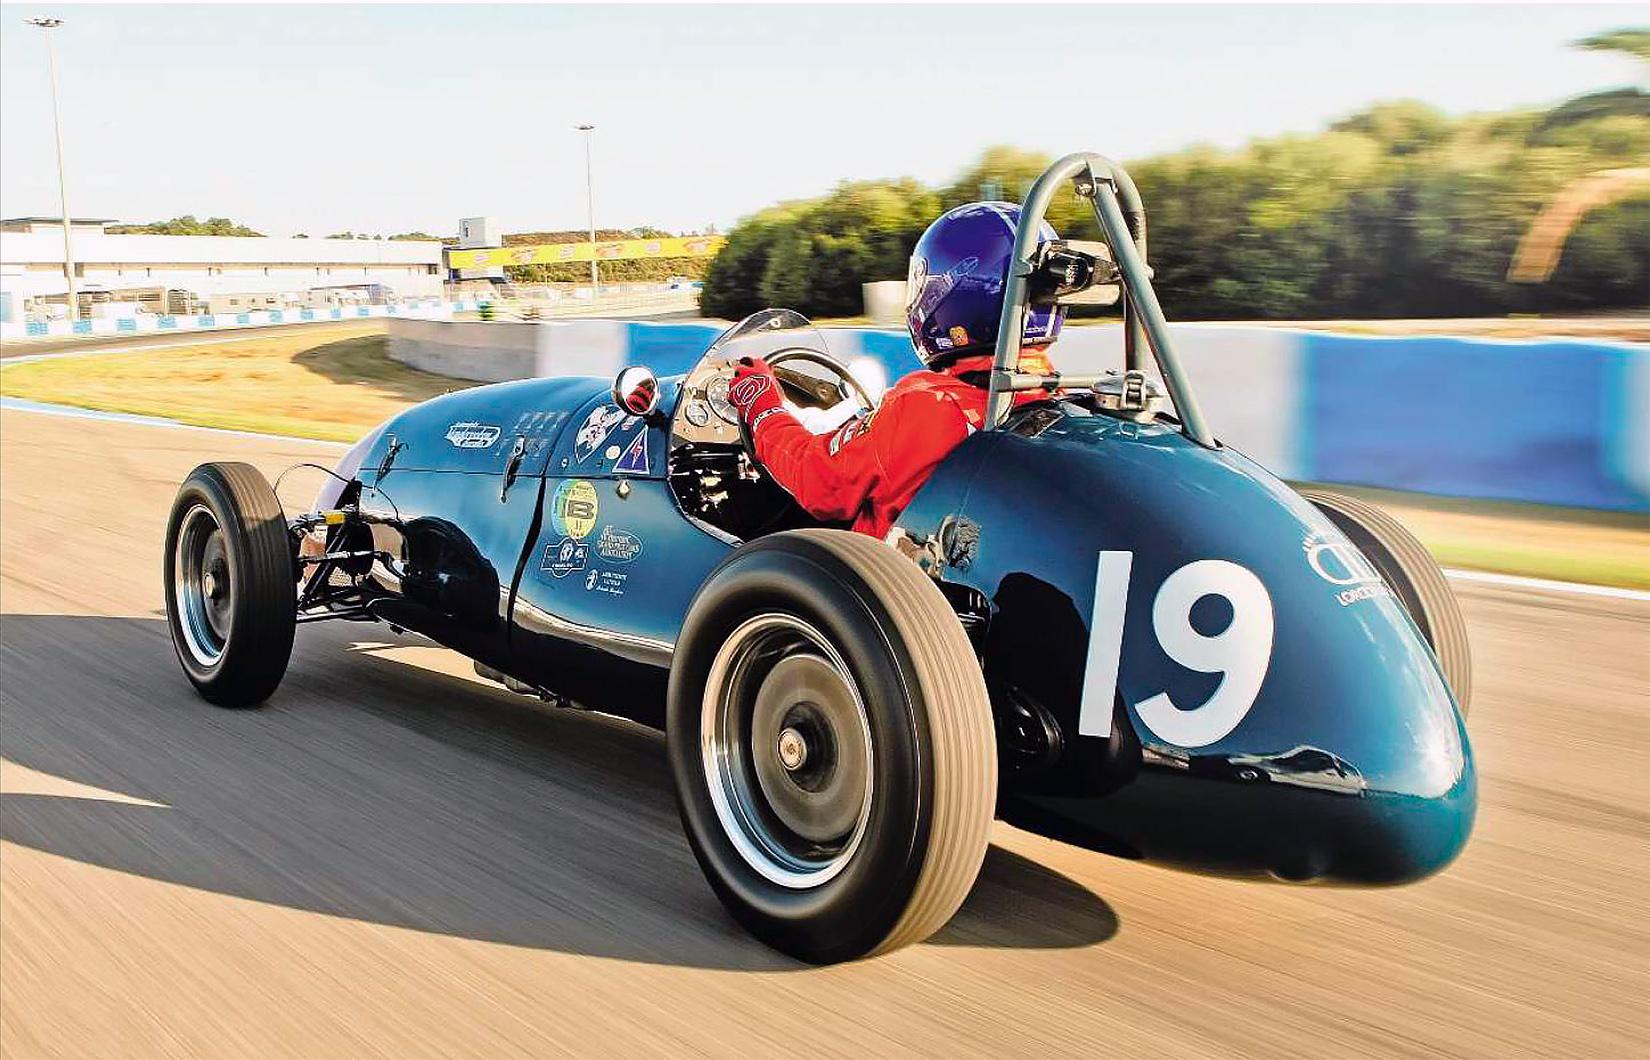 Cooper Bristol MkII 3/53 - driven